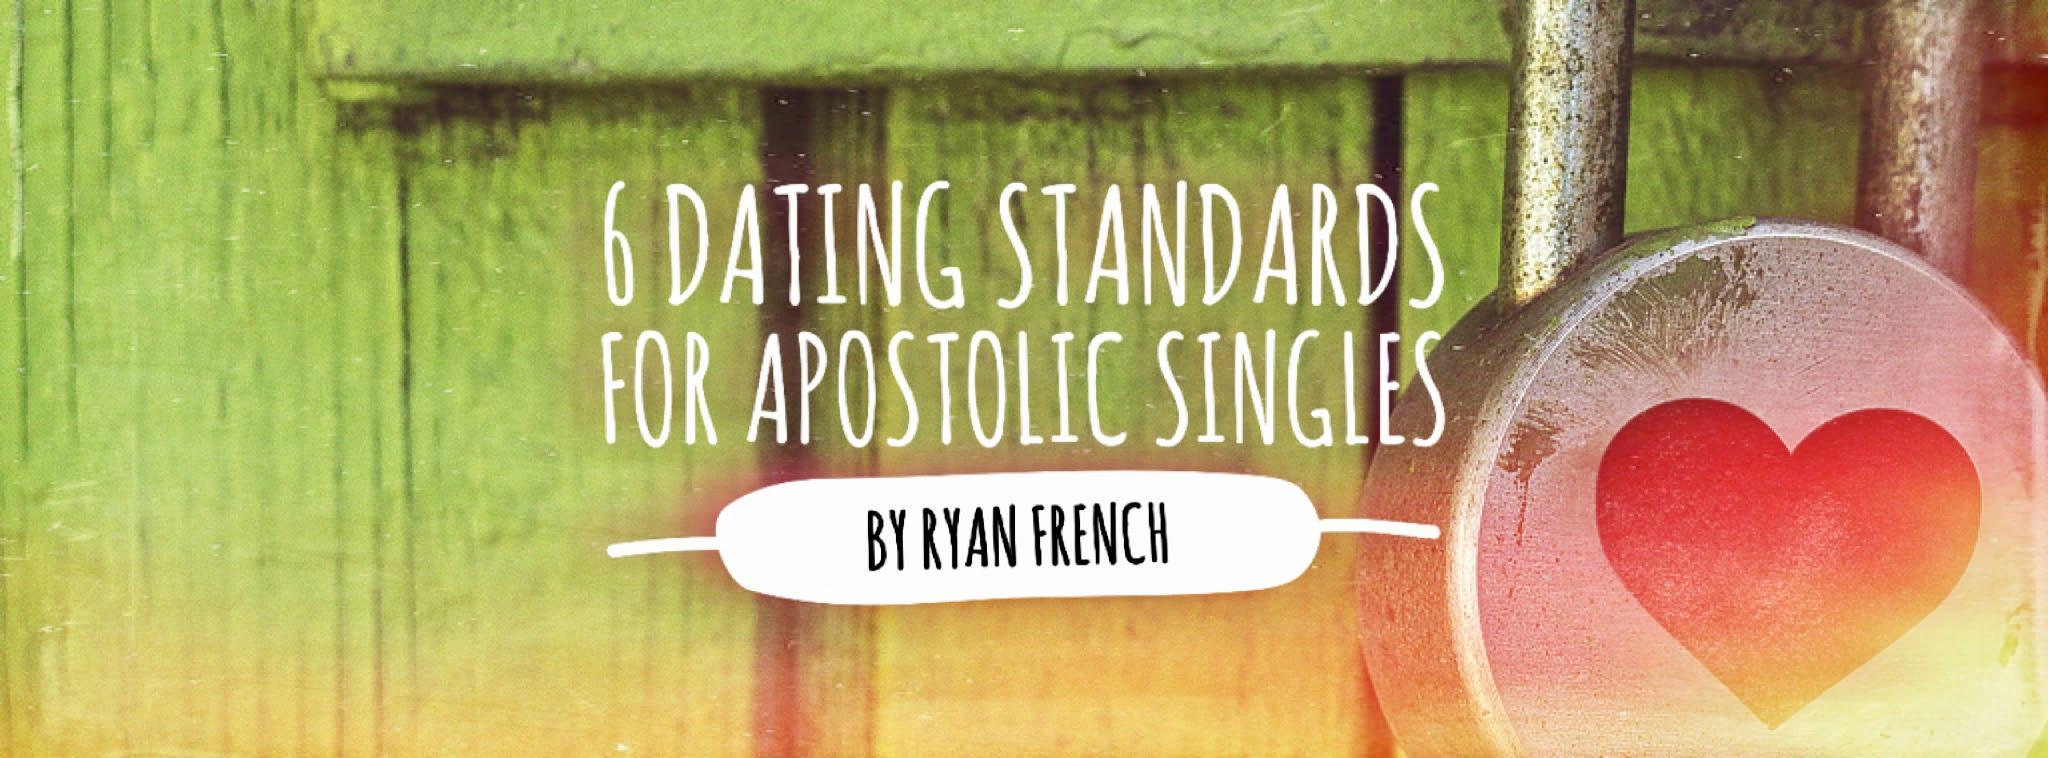 Apostolic dating